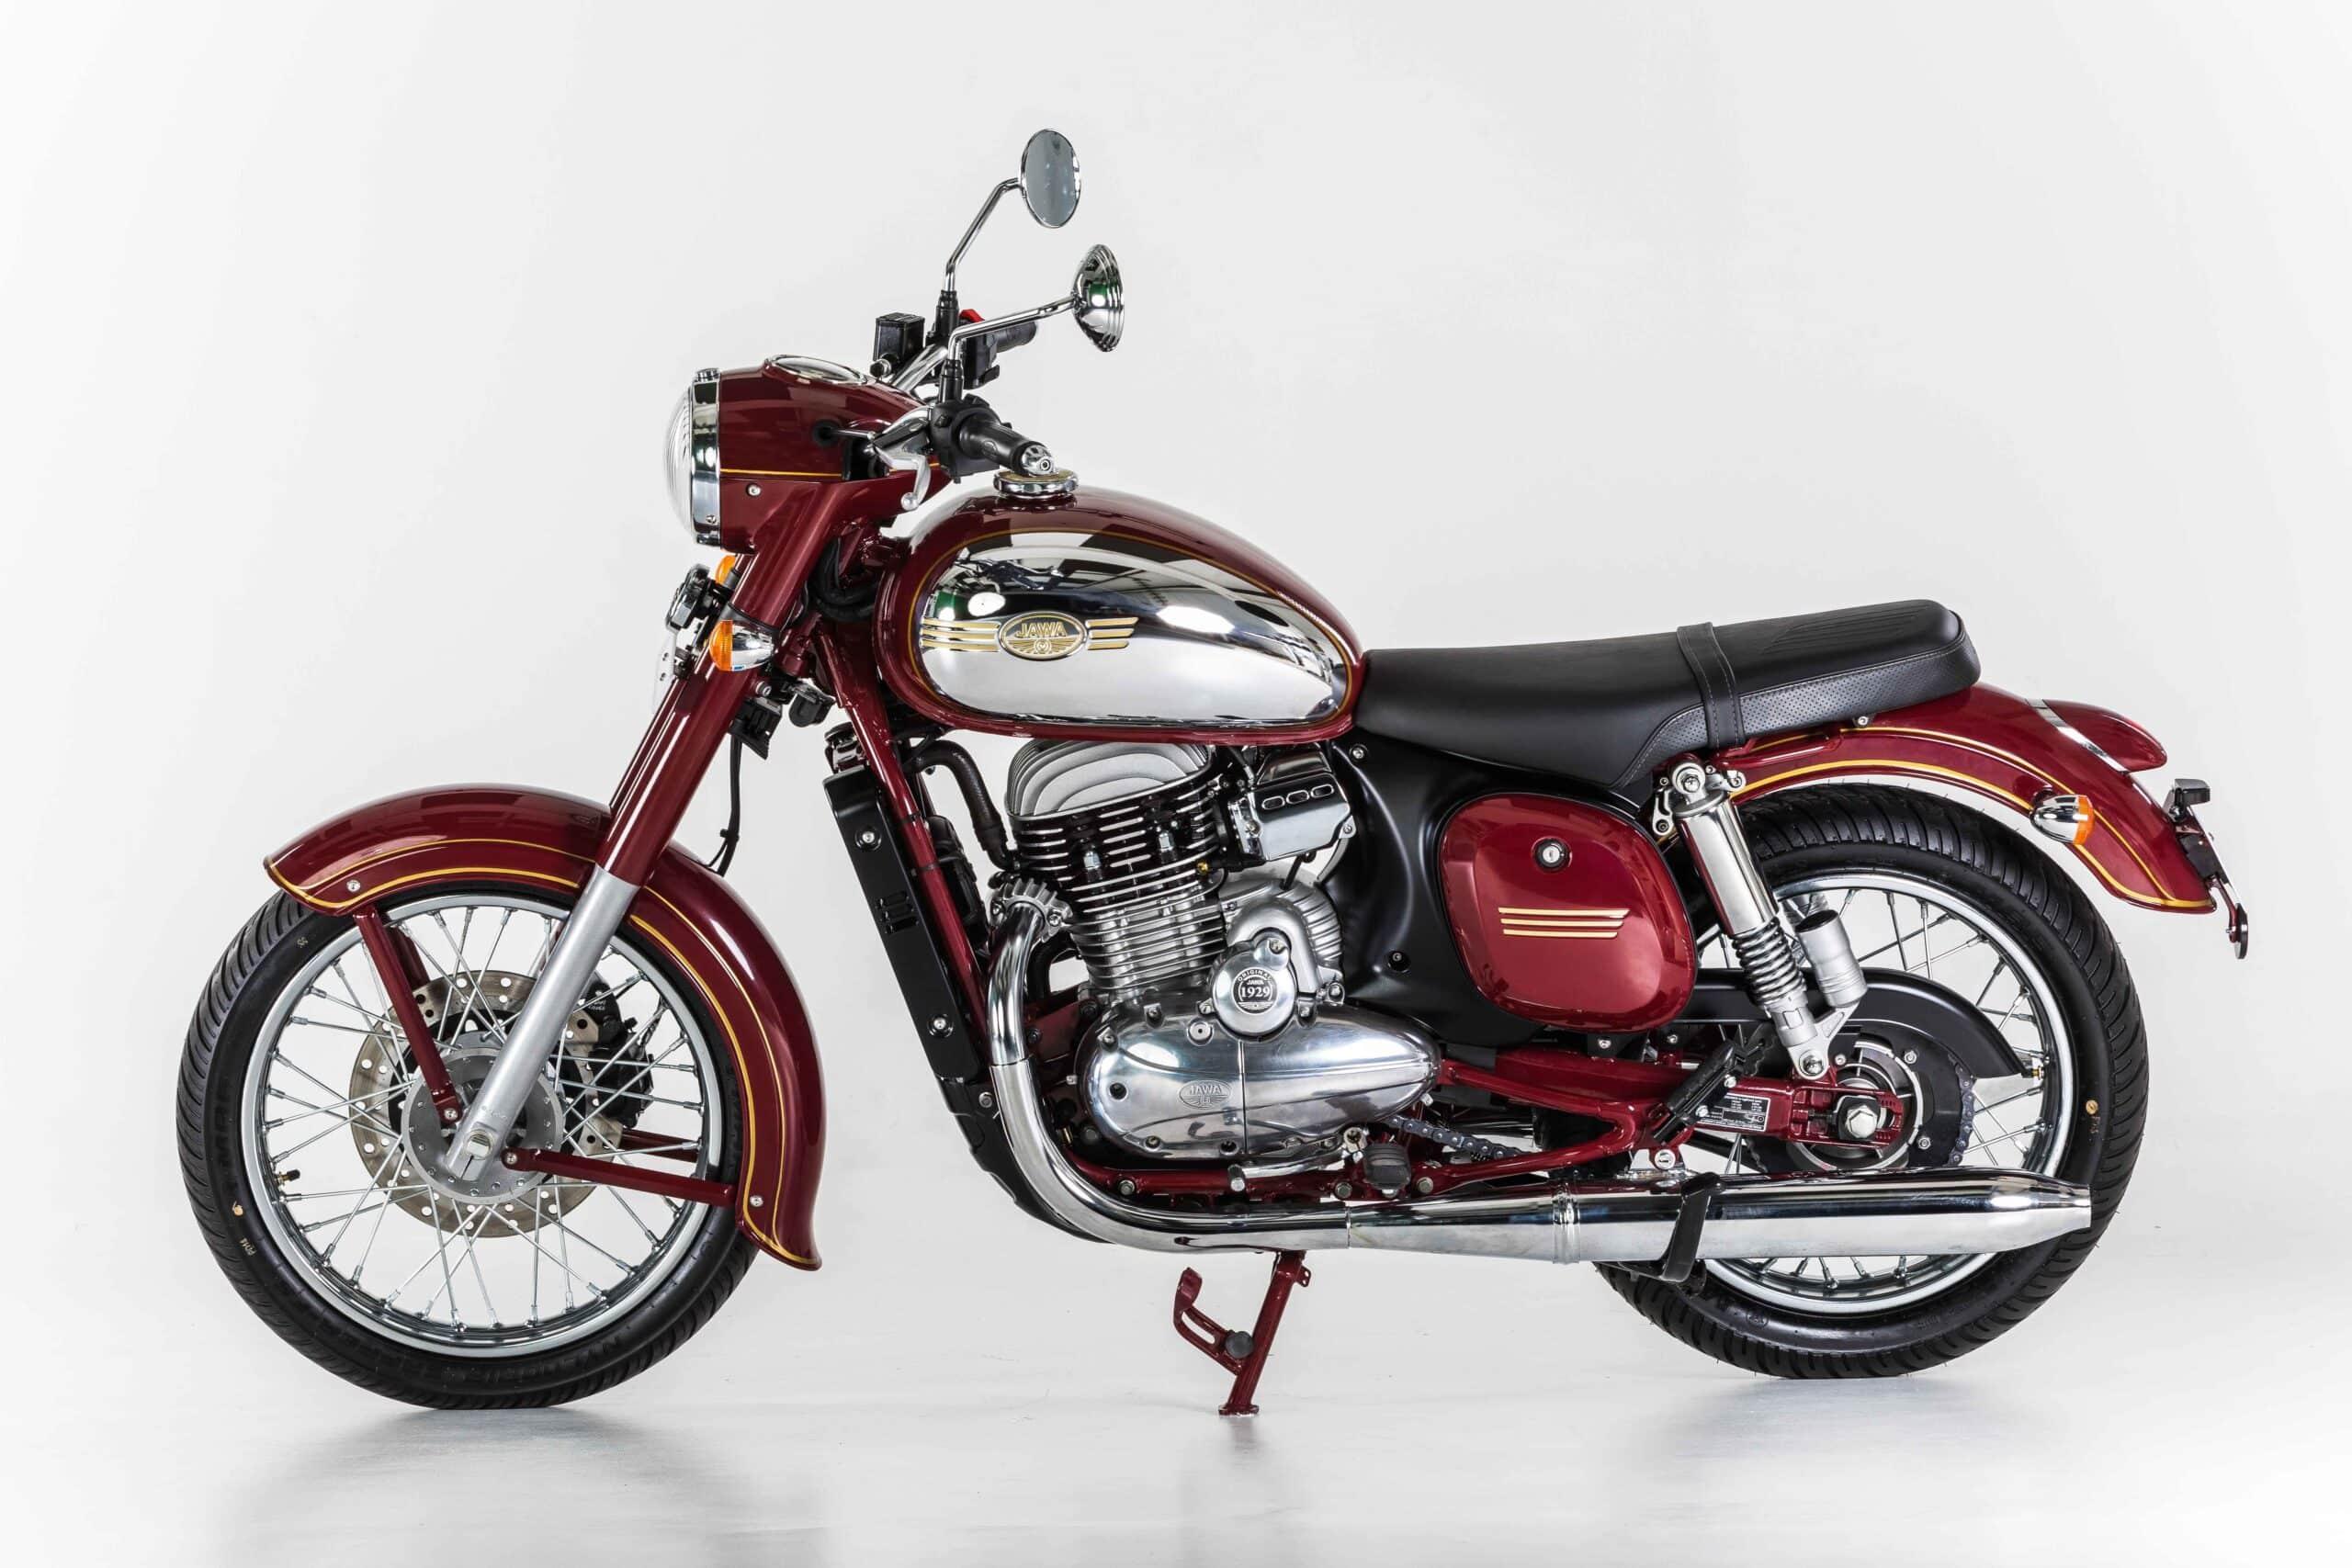 Jawa motocykle. Powrót Jawy